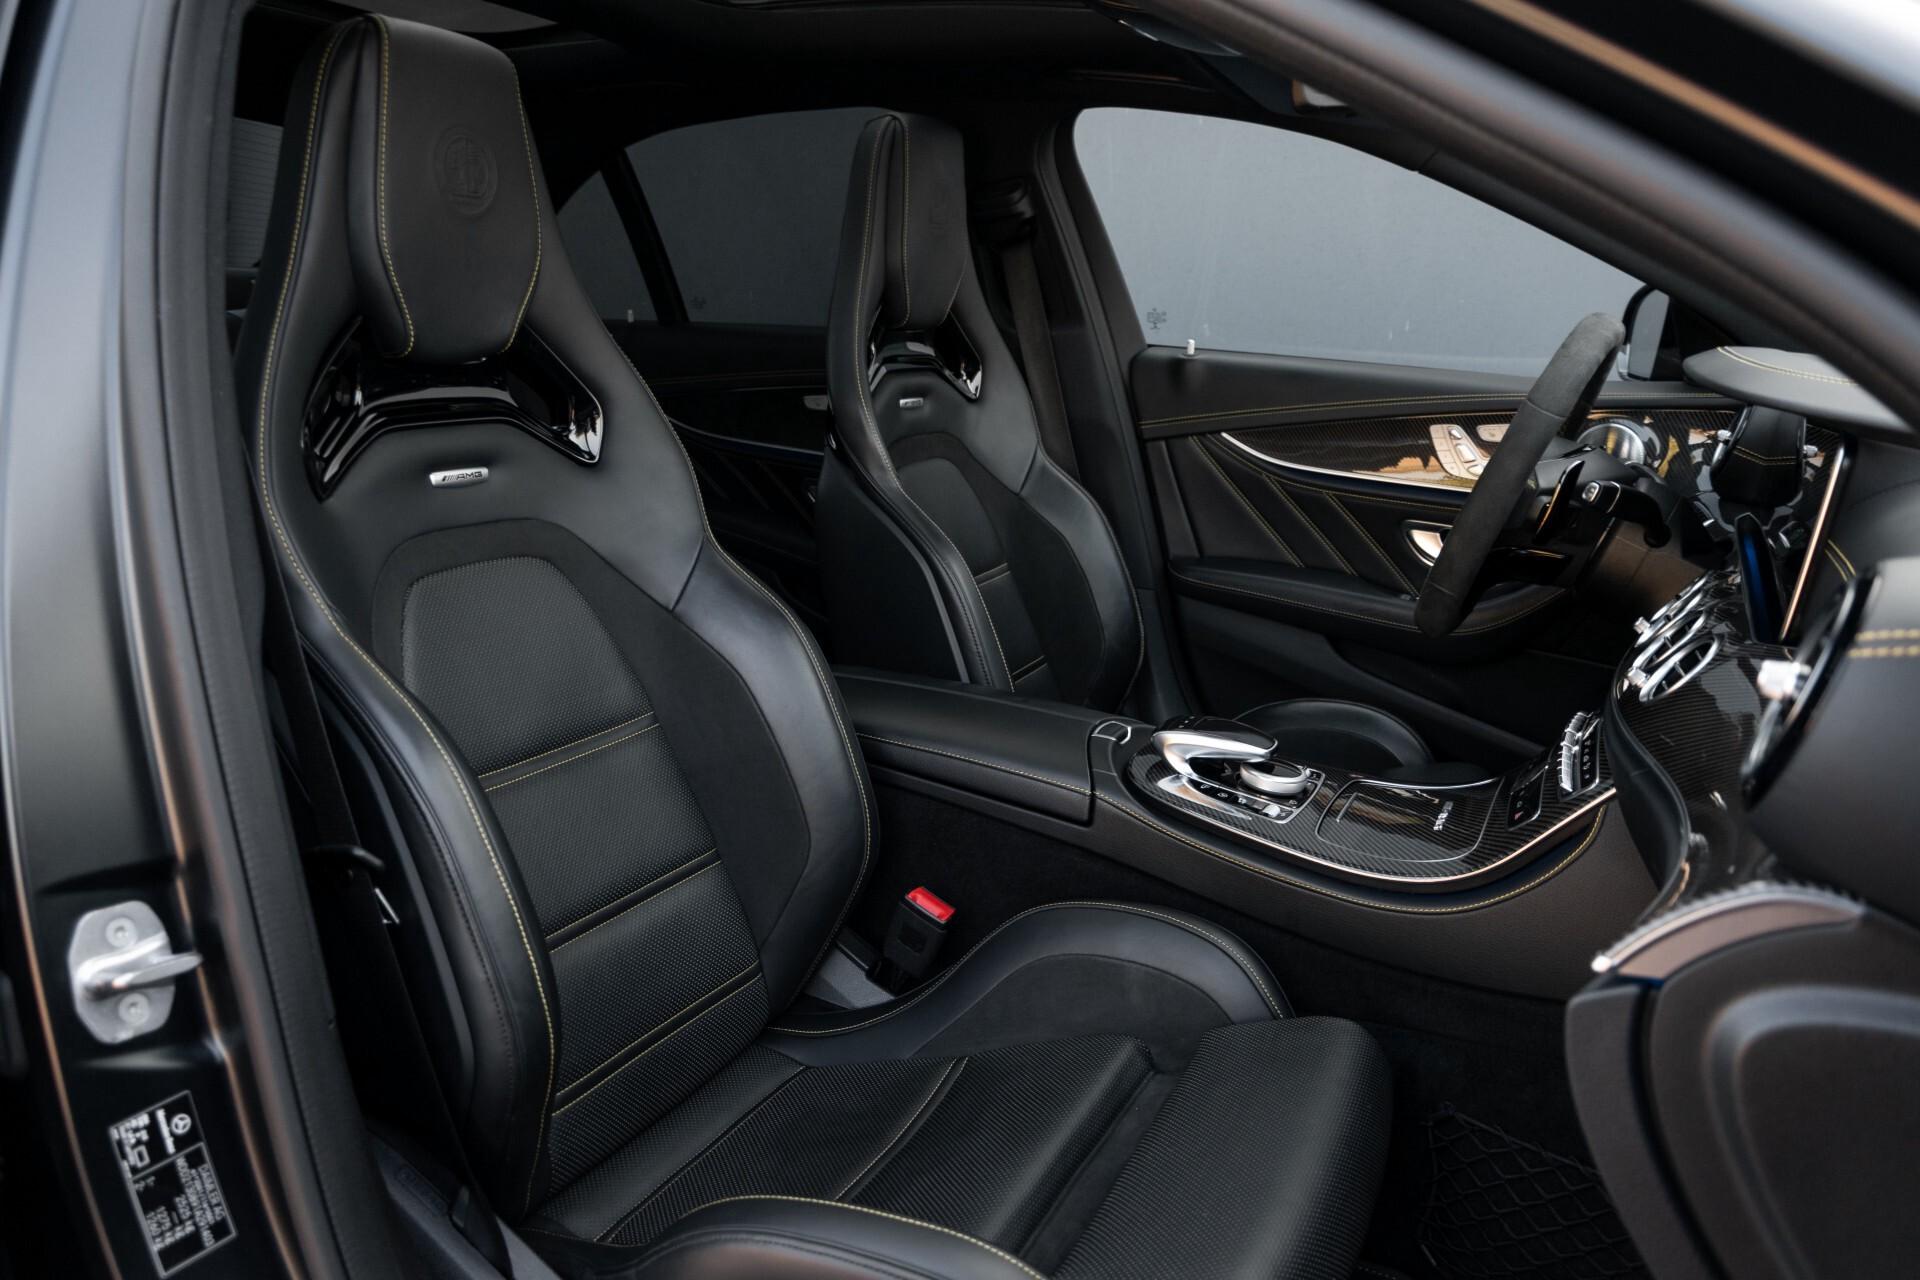 Mercedes-Benz E-Klasse 63 S AMG 4-Matic+ Edition 1 Matzwart/Carbon/Full Options Aut9 Foto 3